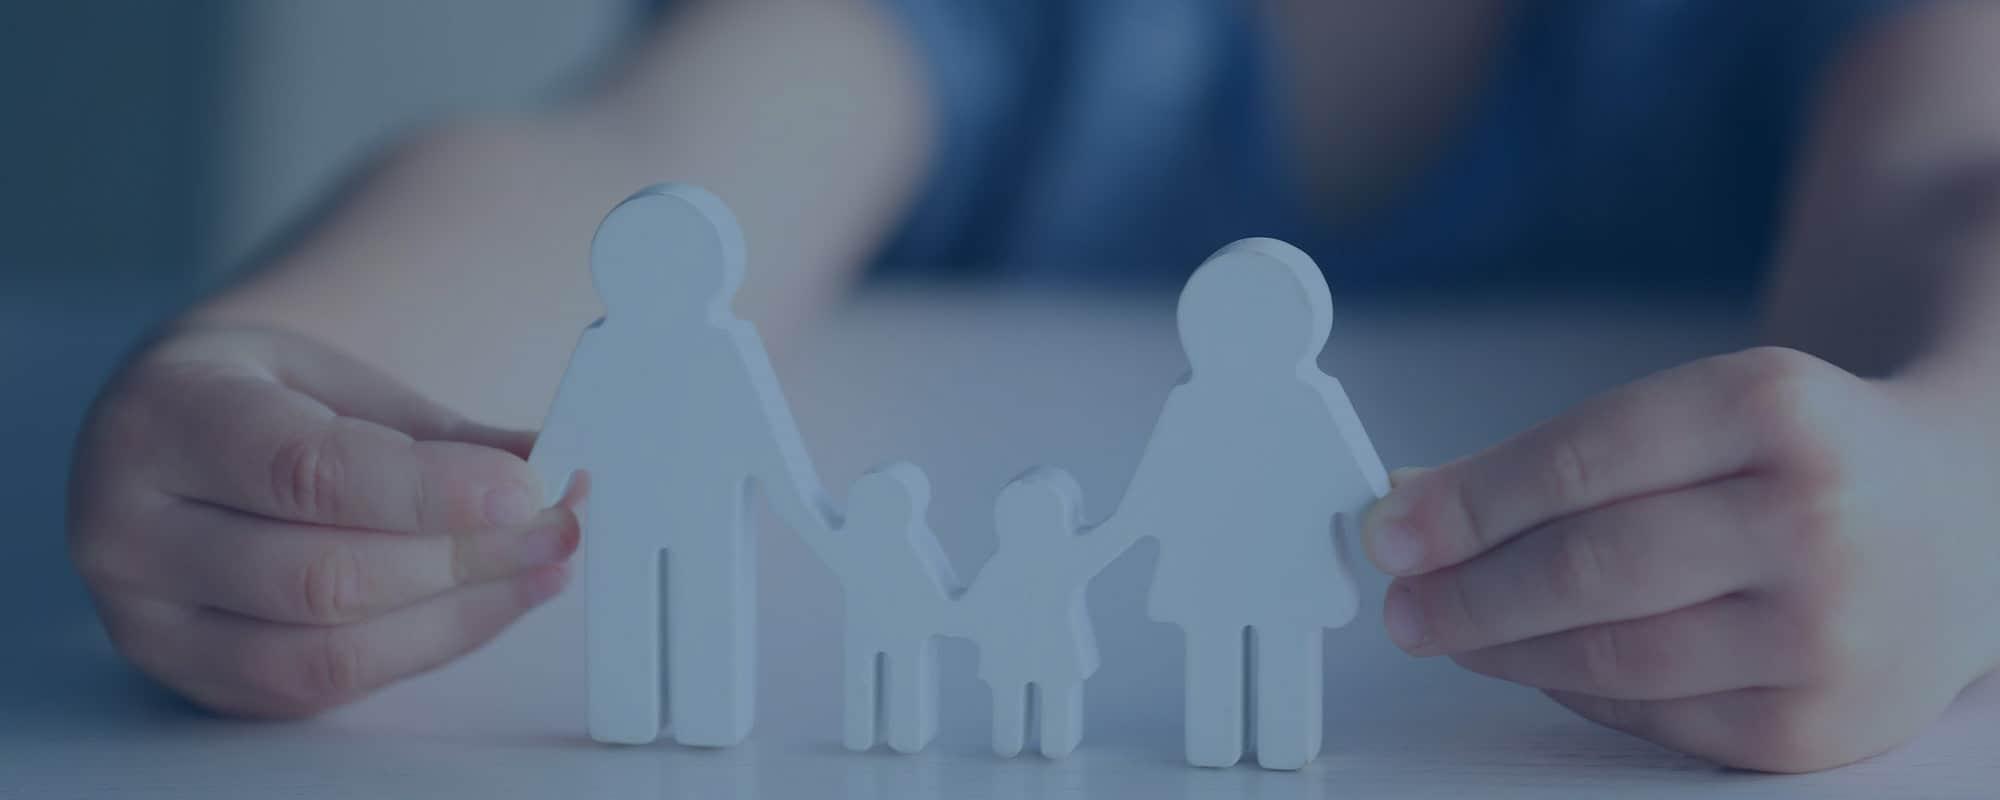 Familienrecht. Kind hält Familienfiguren aus Holz geschnitzt in Händen